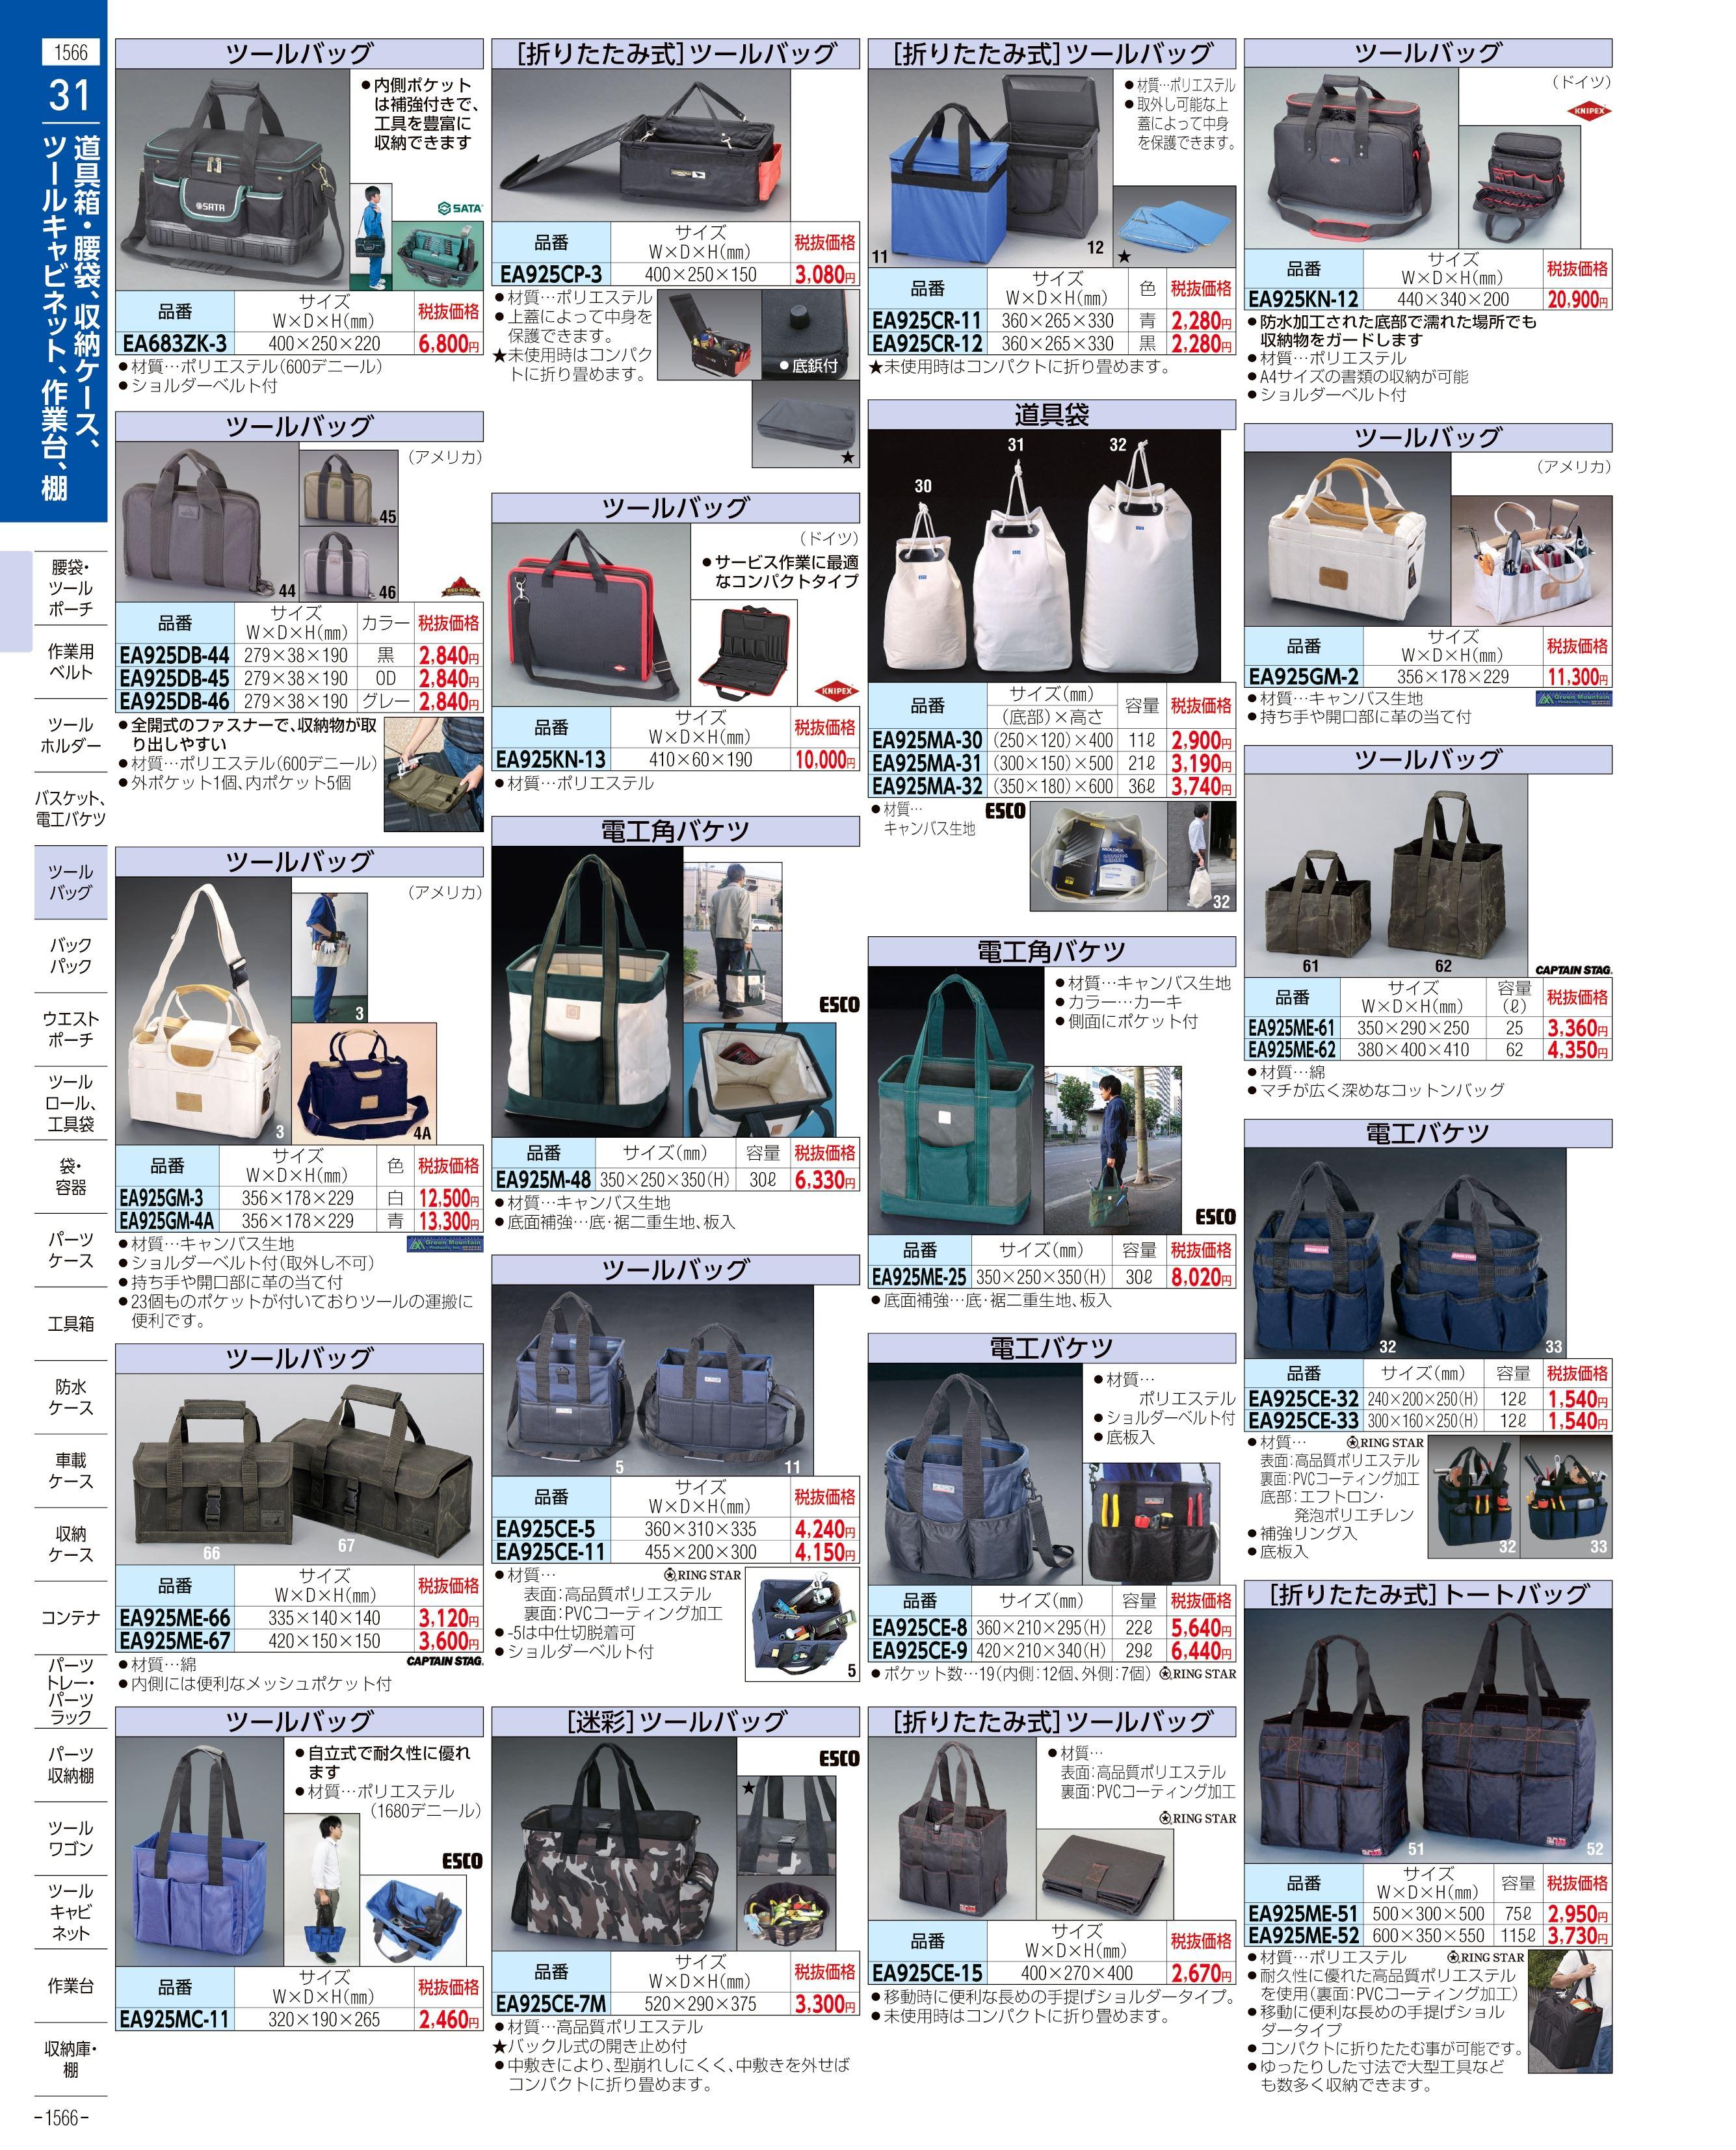 エスコ便利カタログ1566ページ